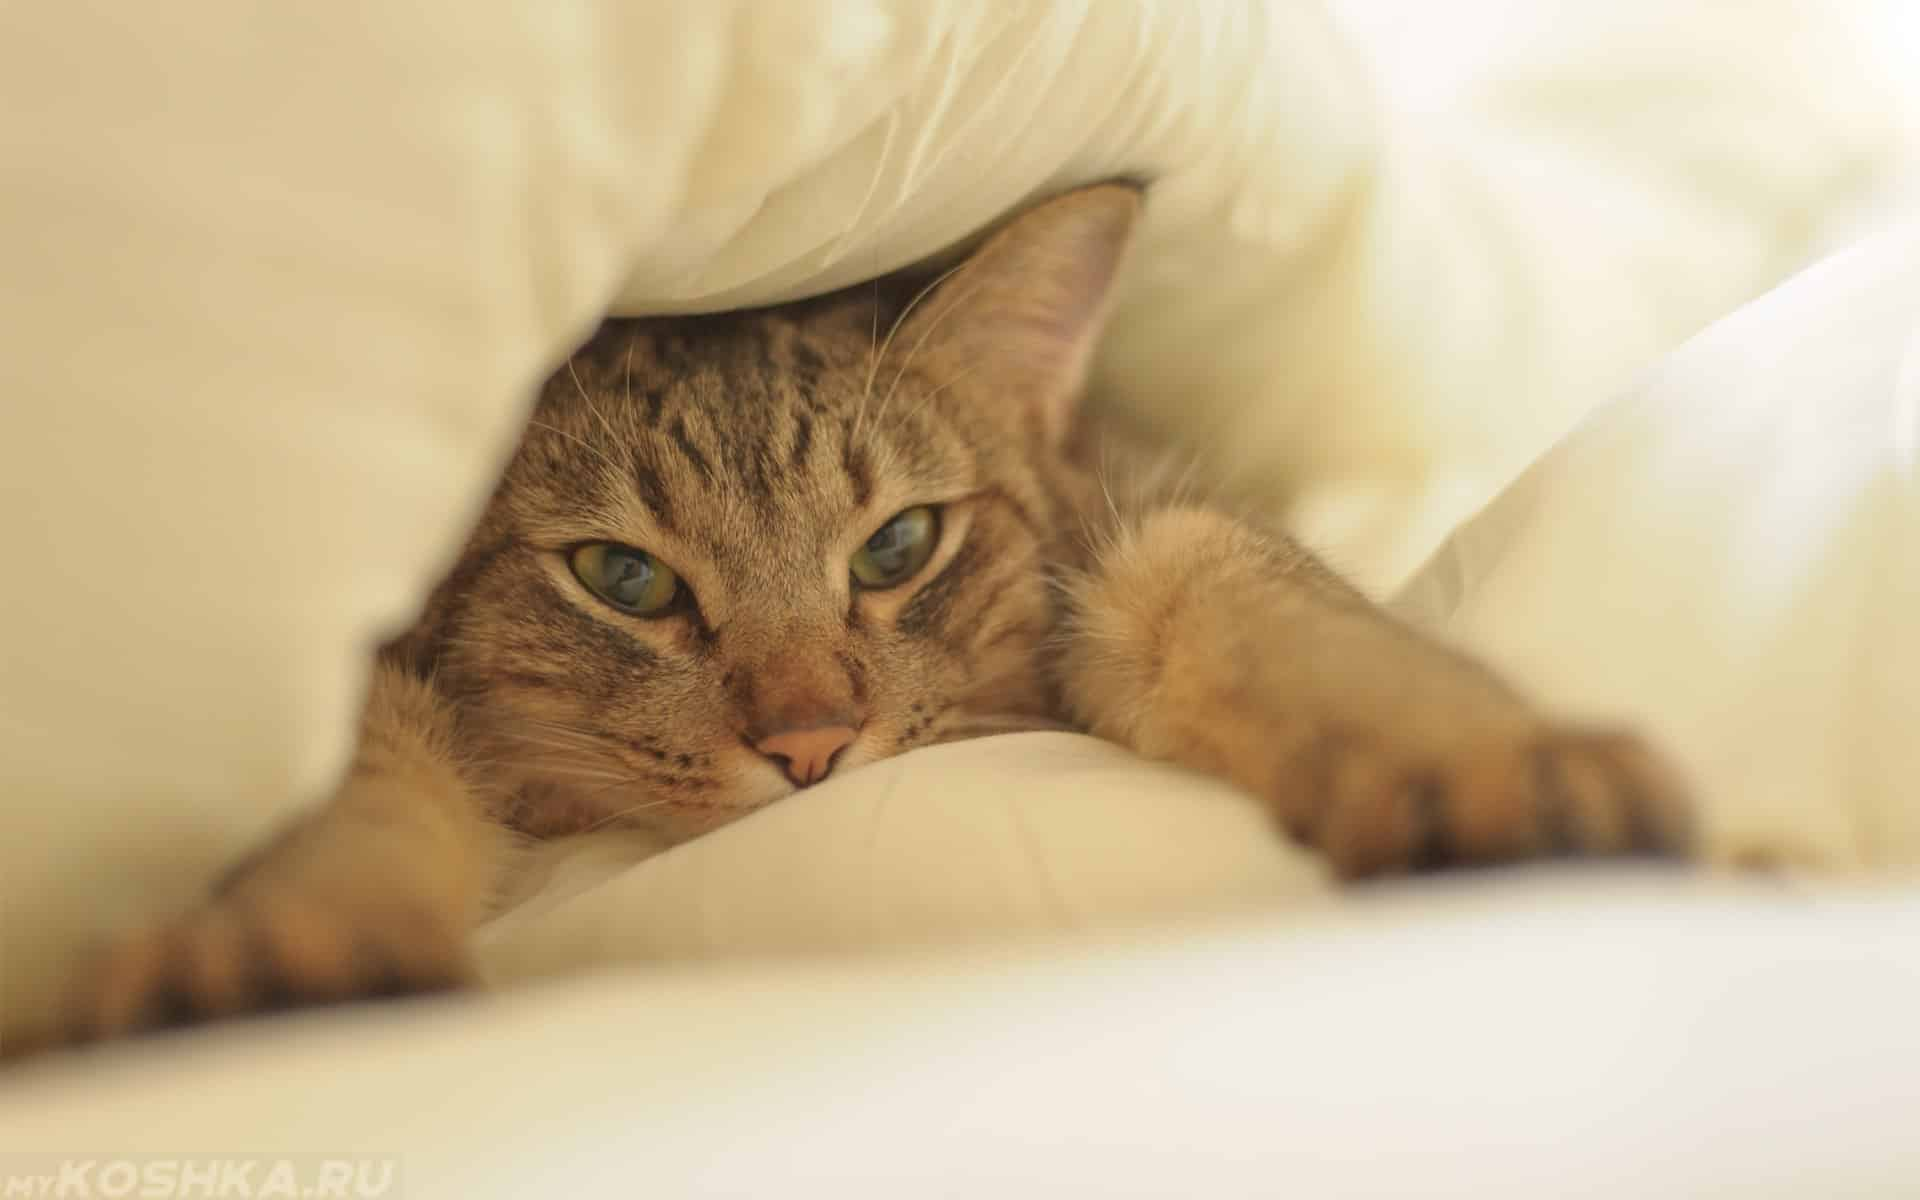 Почему кошки любят спать на кровати: что это означает, можно ли спать с кошкой на одной постели